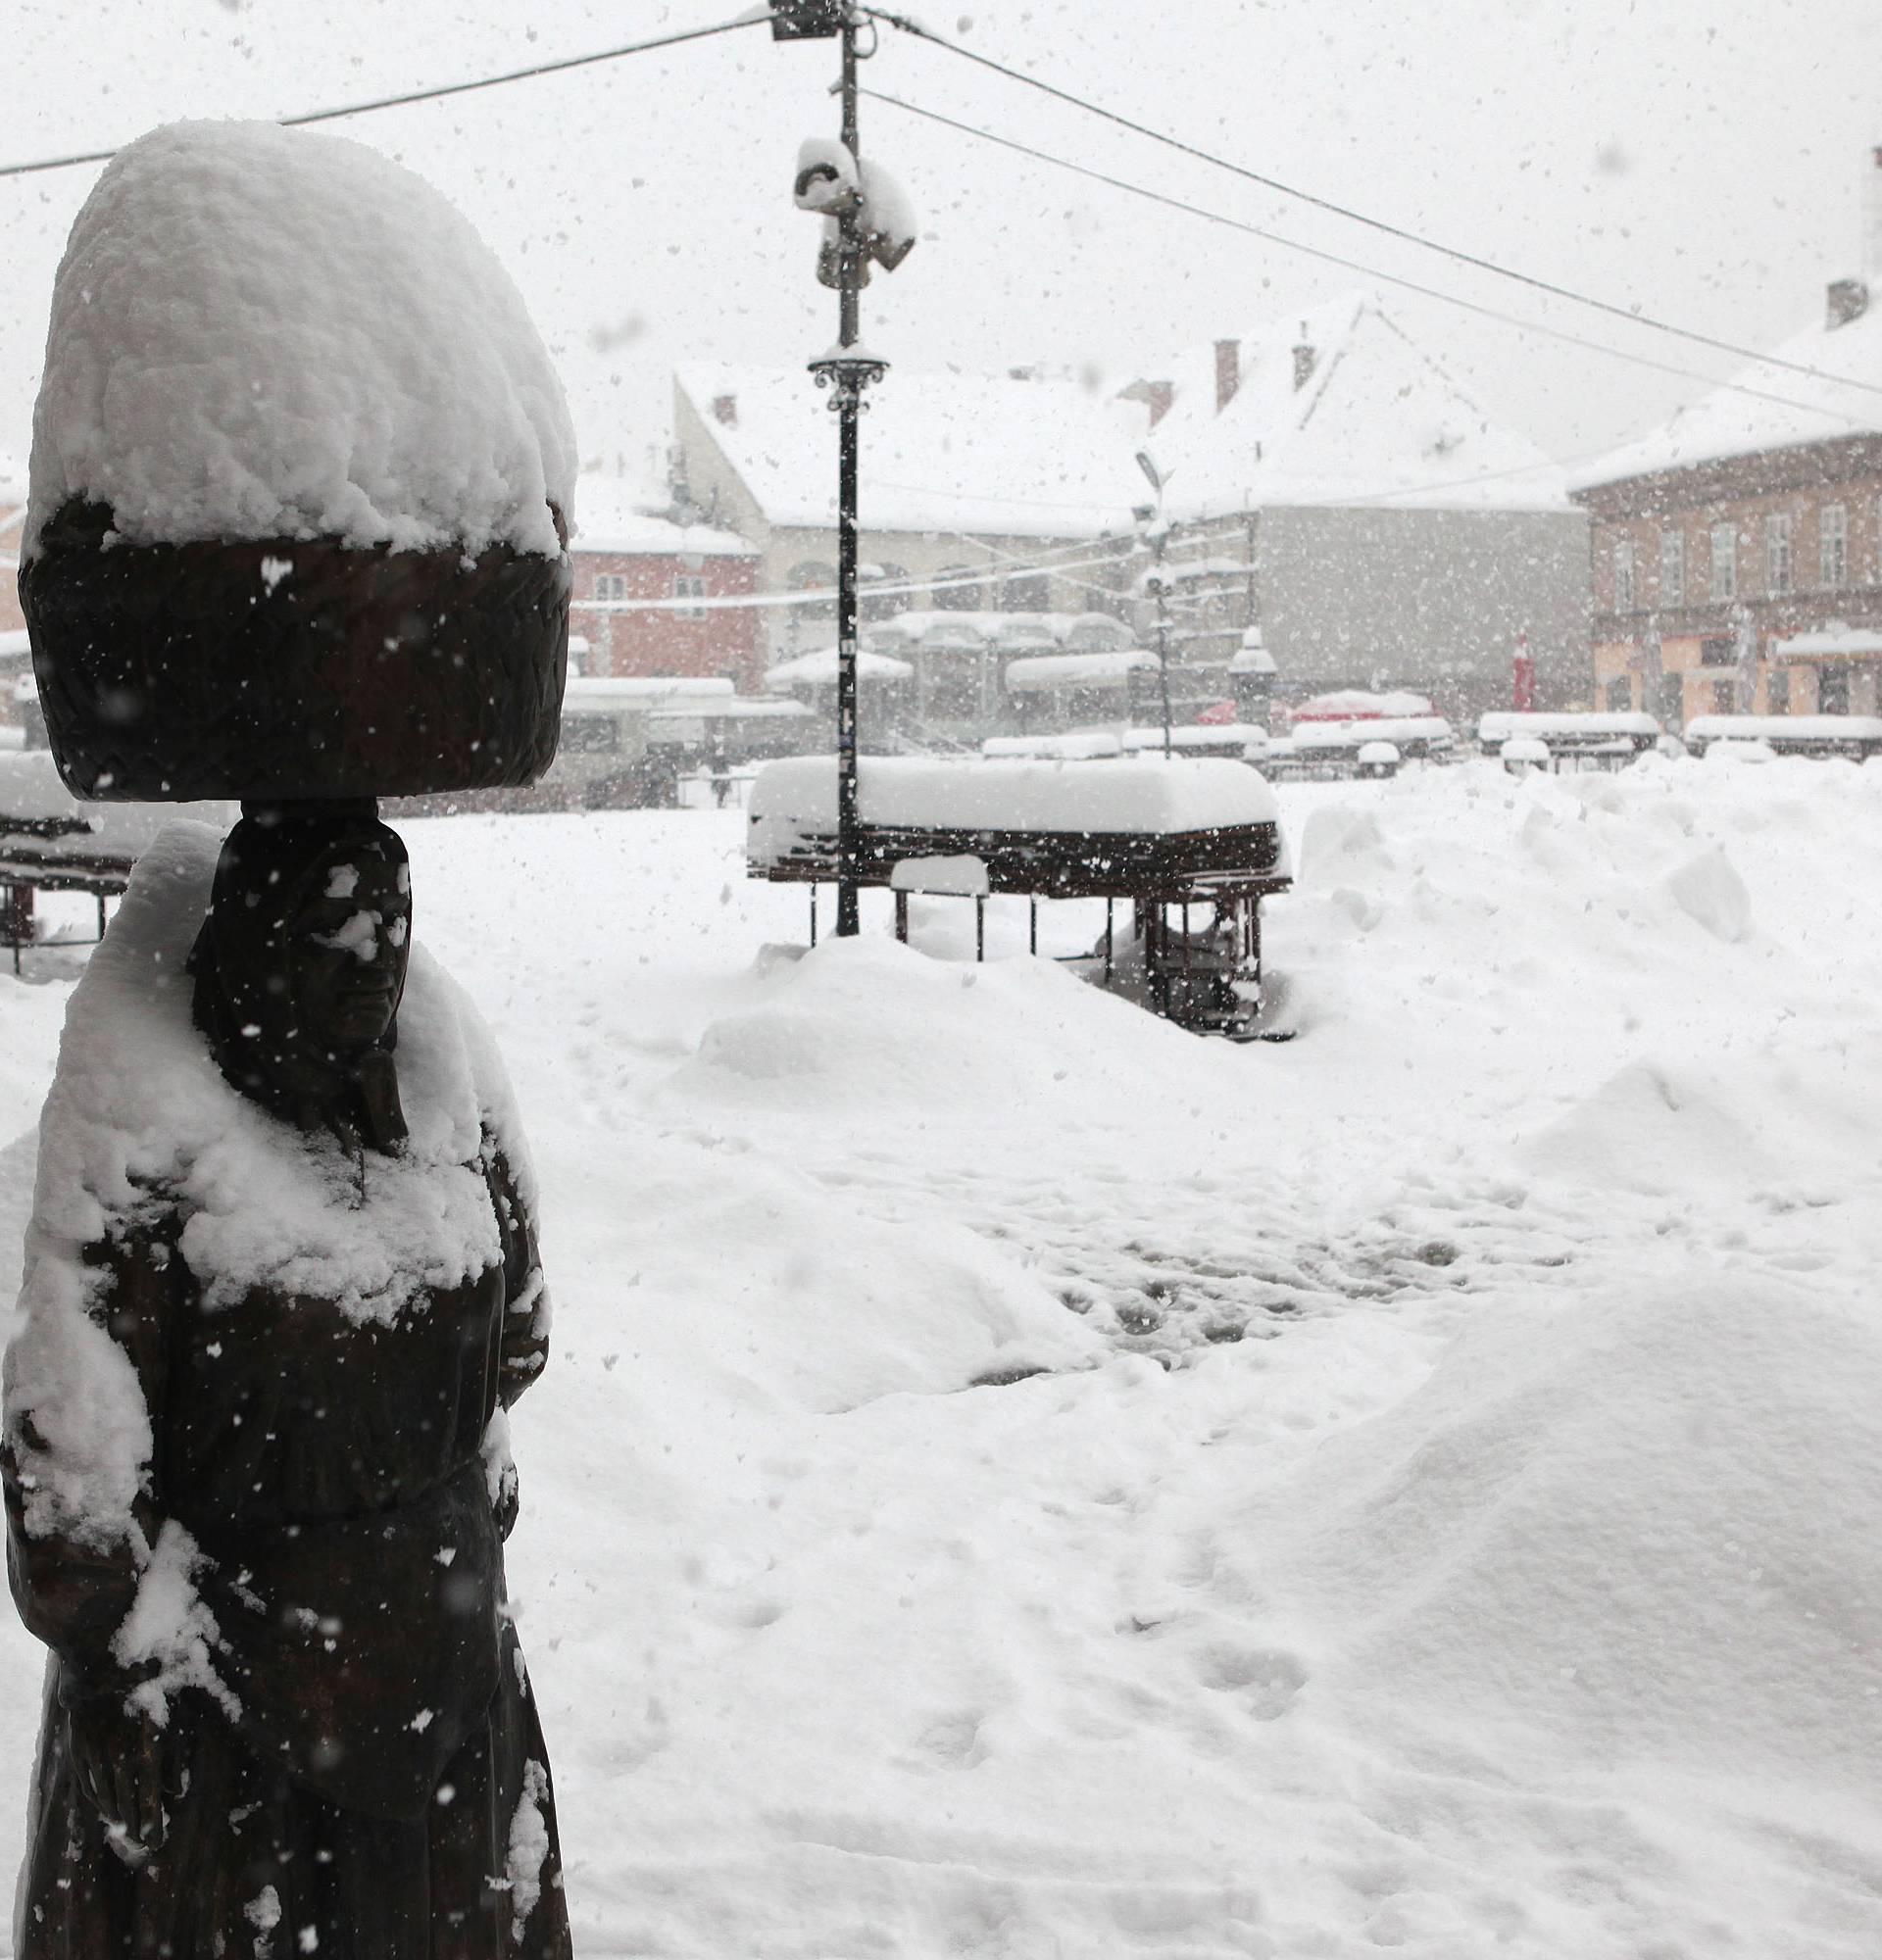 Objavili kad će snijeg, a ovako je Zagreb izgledao 14.1.2013.